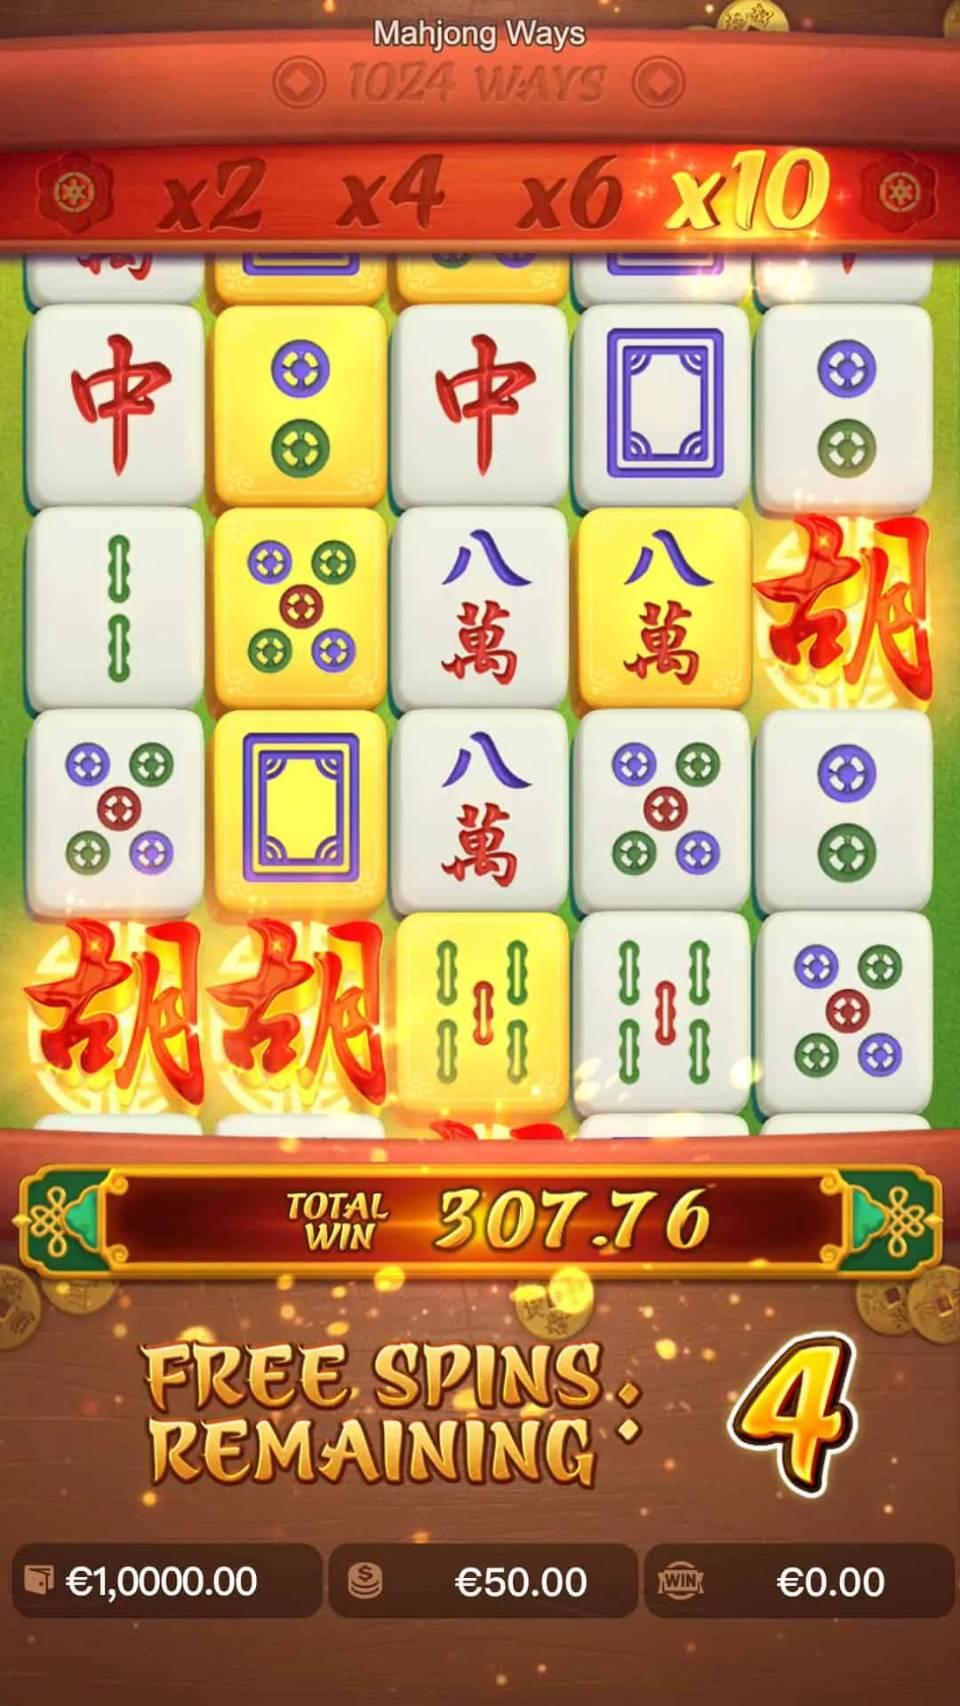 Mahjong Ways เกมสล็อตที่ให้กลิ่นอายวัฒนธรรมจีนได้อย่างชัดเจน